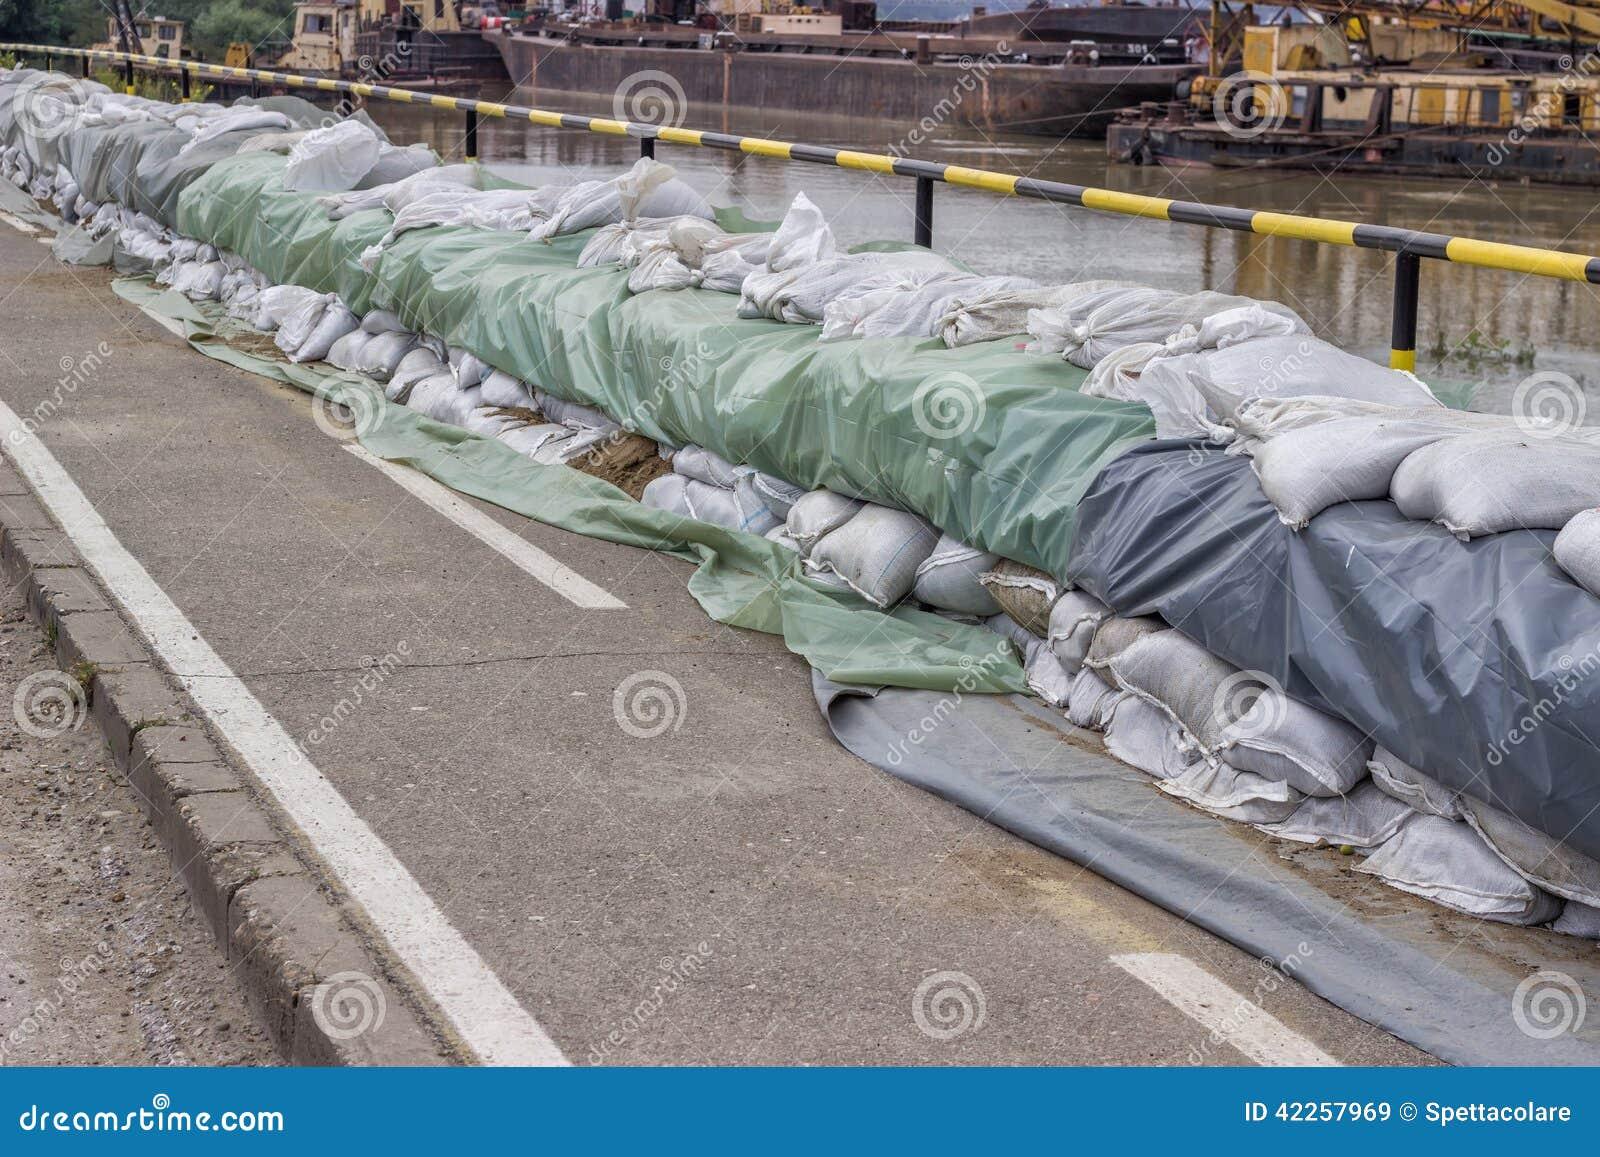 mur des sacs de sable pour la d fense d 39 inondation photo stock image 42257969. Black Bedroom Furniture Sets. Home Design Ideas